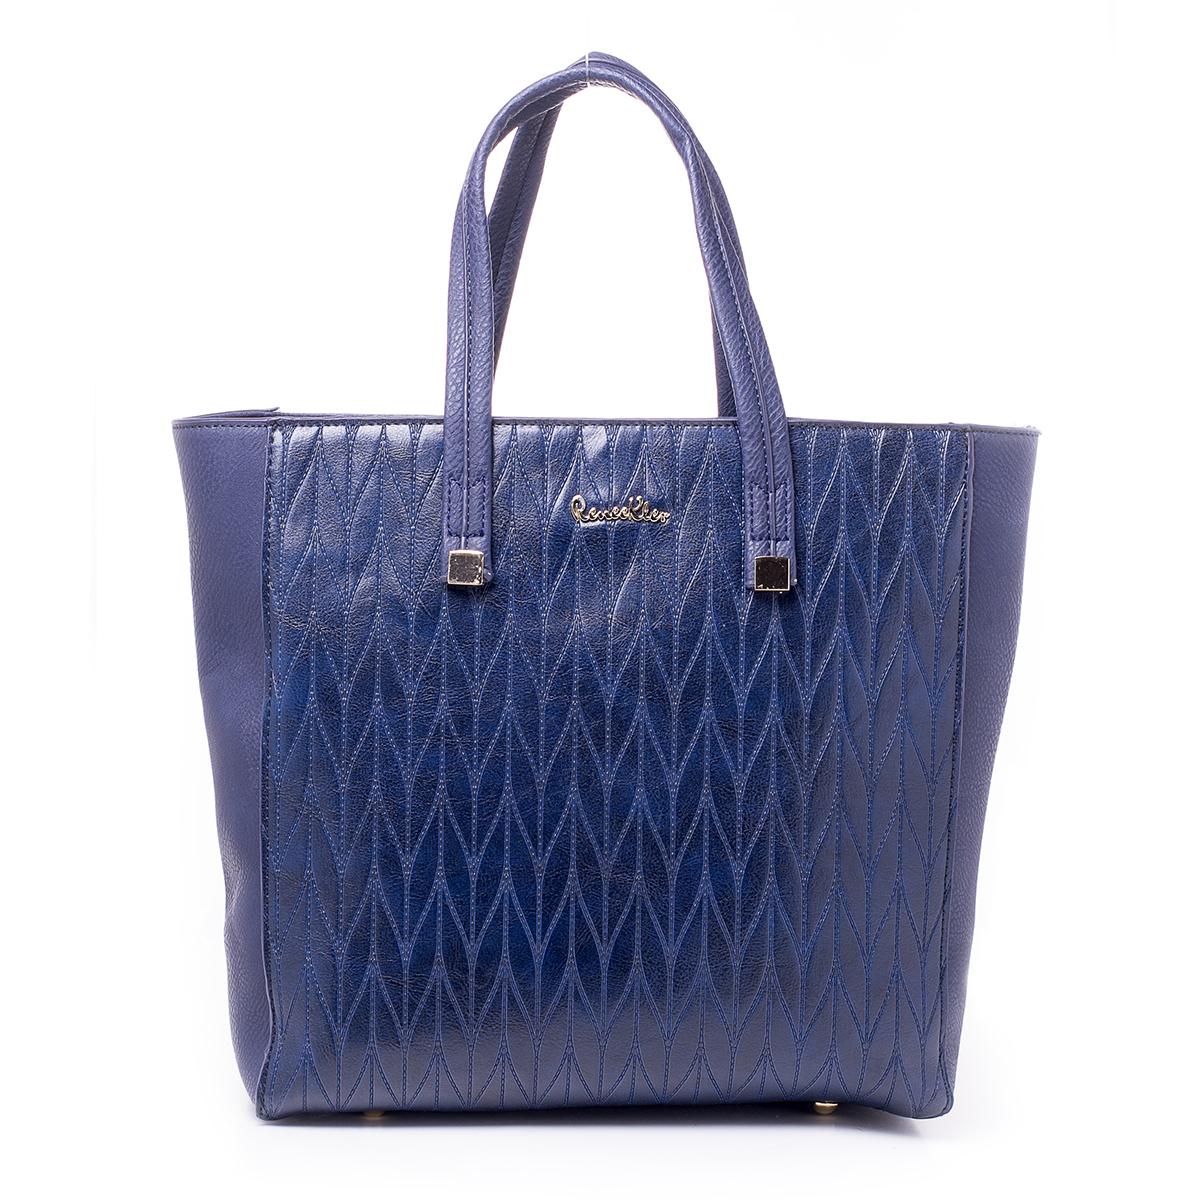 Сумка женская Renee Kler, цвет: сине-фиолетовый. RK515-06RK515-06Стильная женская сумка Renee Kler выполнена из качественной искусственной кожи. Сумка оформлена оригинальным тиснением. Сумка имеет одно отделение и застегивается на молнию. Лицевая часть декорирована металлическим элементом с названием бренда. Внутри отделения находятся два накладных кармана и один врезной карман на застежке-молнии. Отделение разделено карманом-средником на застежке-молнии. Сумка оснащена двумя удобными ручками с металлической фурнитурой.